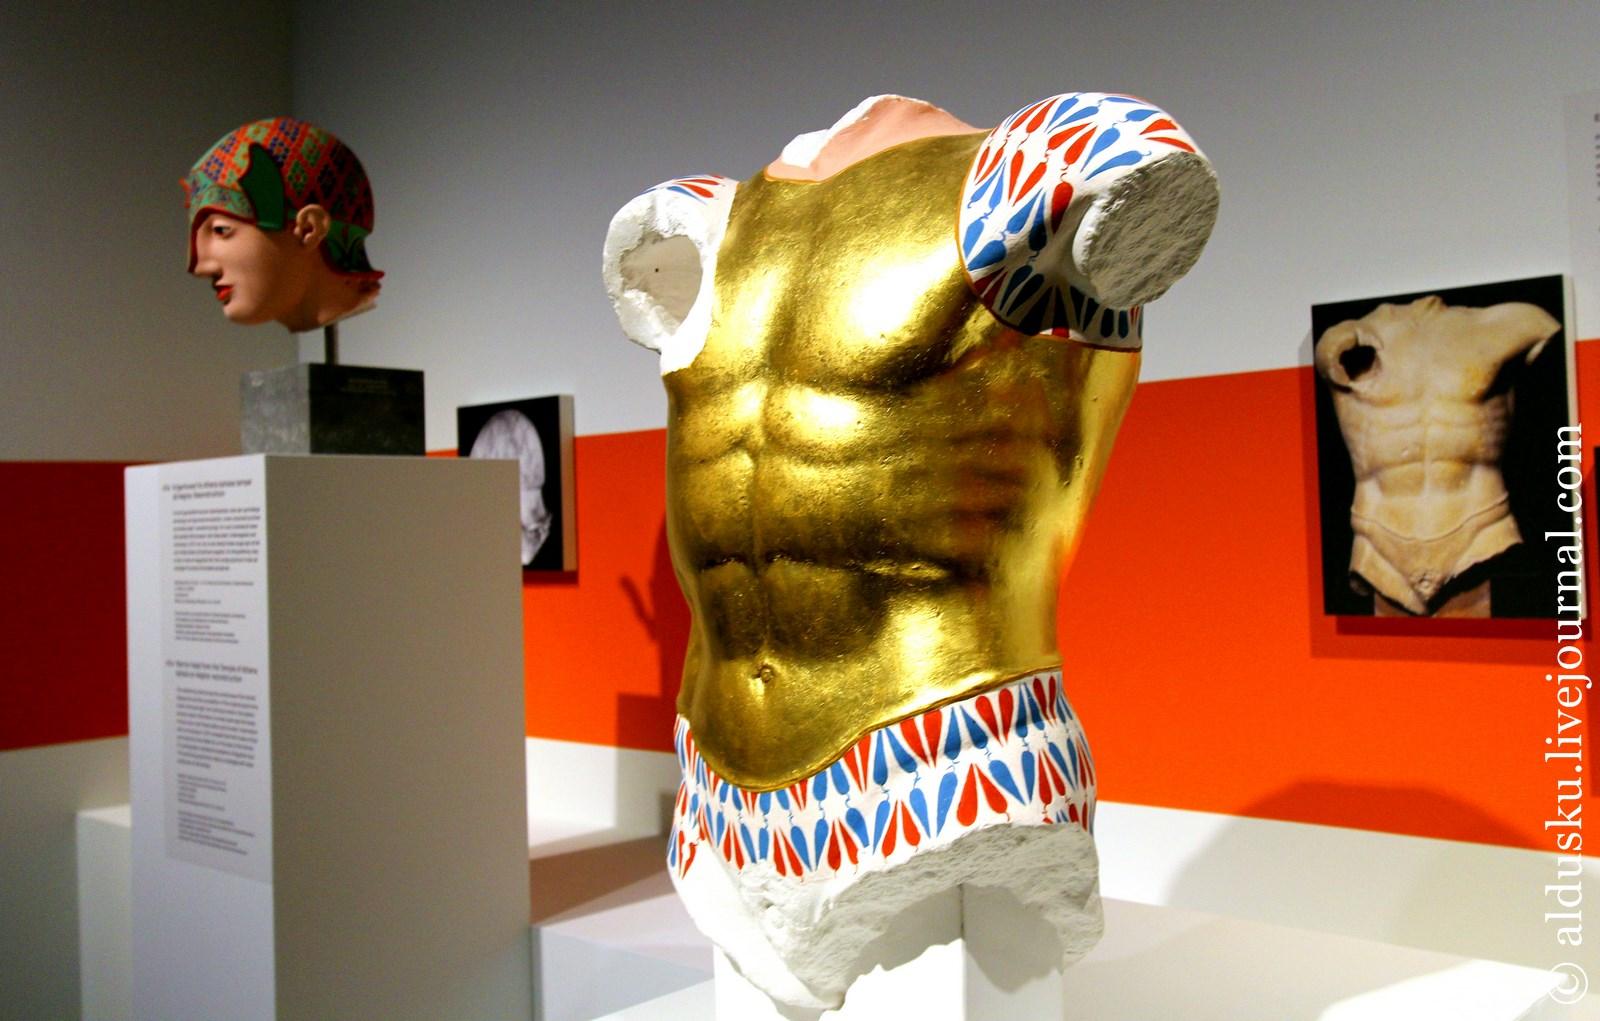 Выставка «Transformations classical sculpture in colour» [Трансформация античной скульптуры в цвет], экспонаты которой мне любезно разрешили сфотографировать. О ней в следующей заметке.